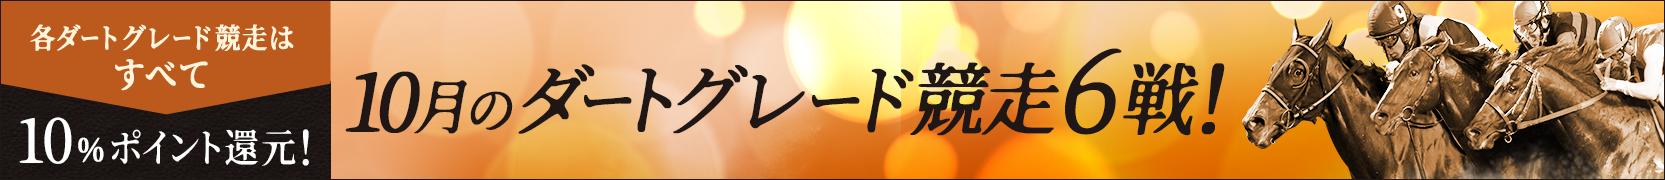 10月のダートグレード6戦!